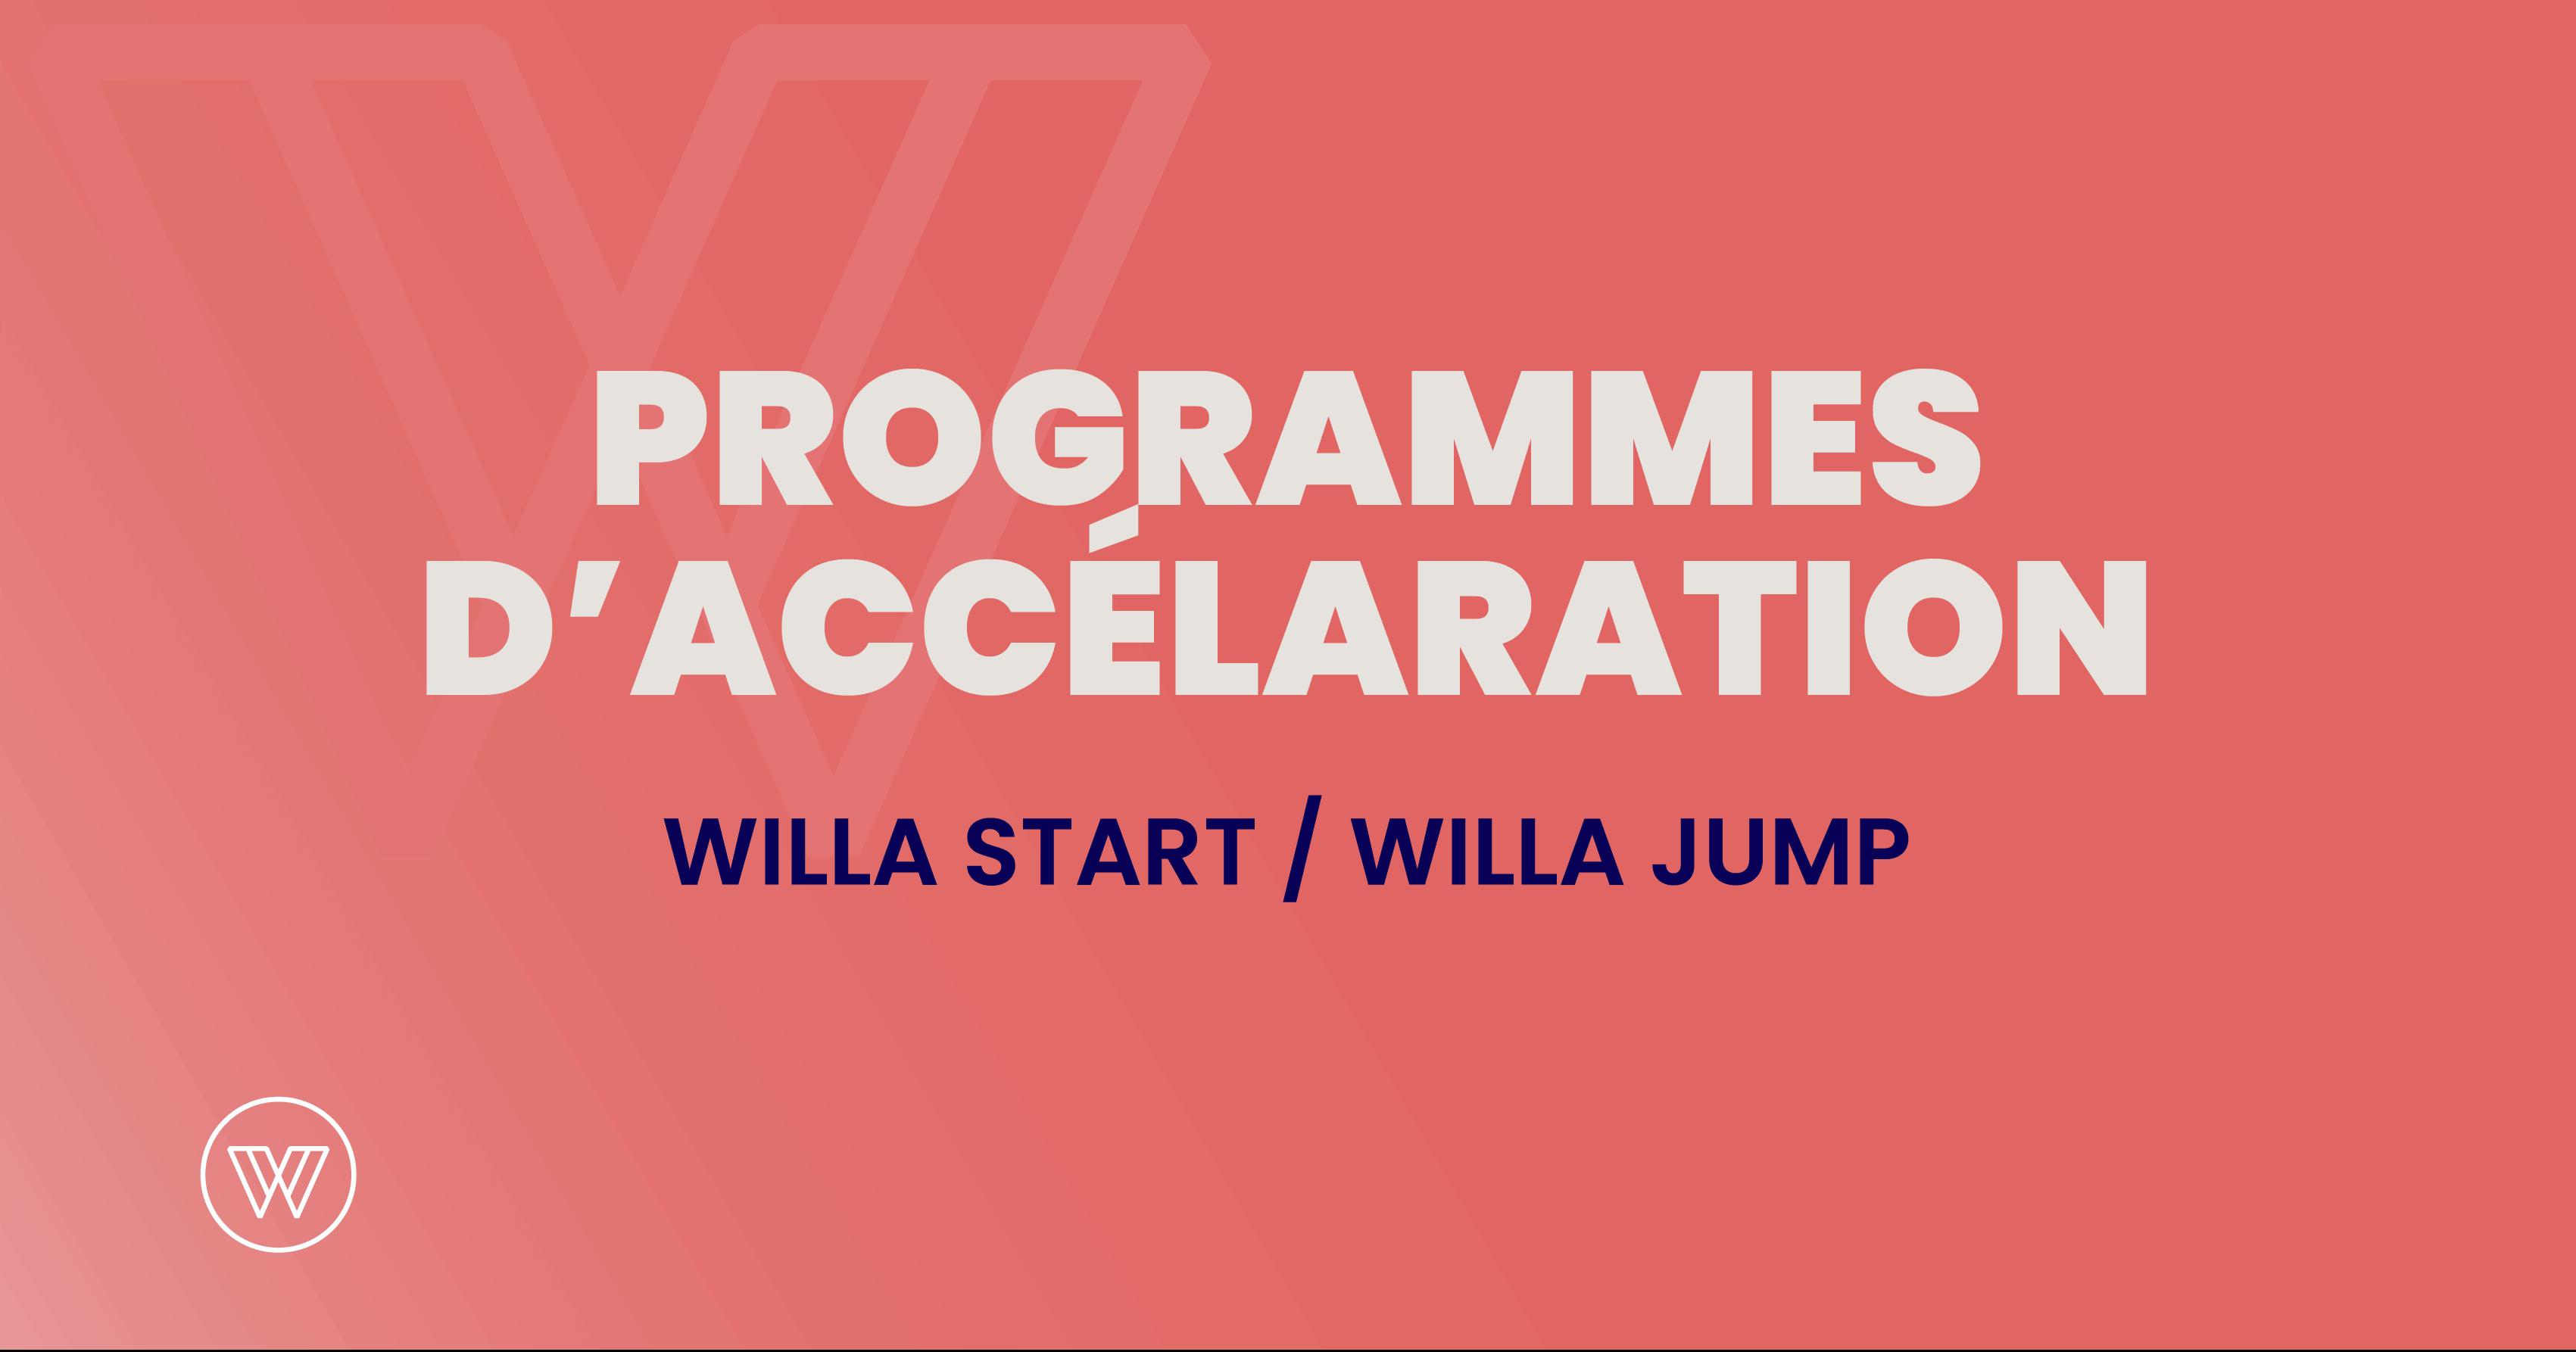 willa jump willa start